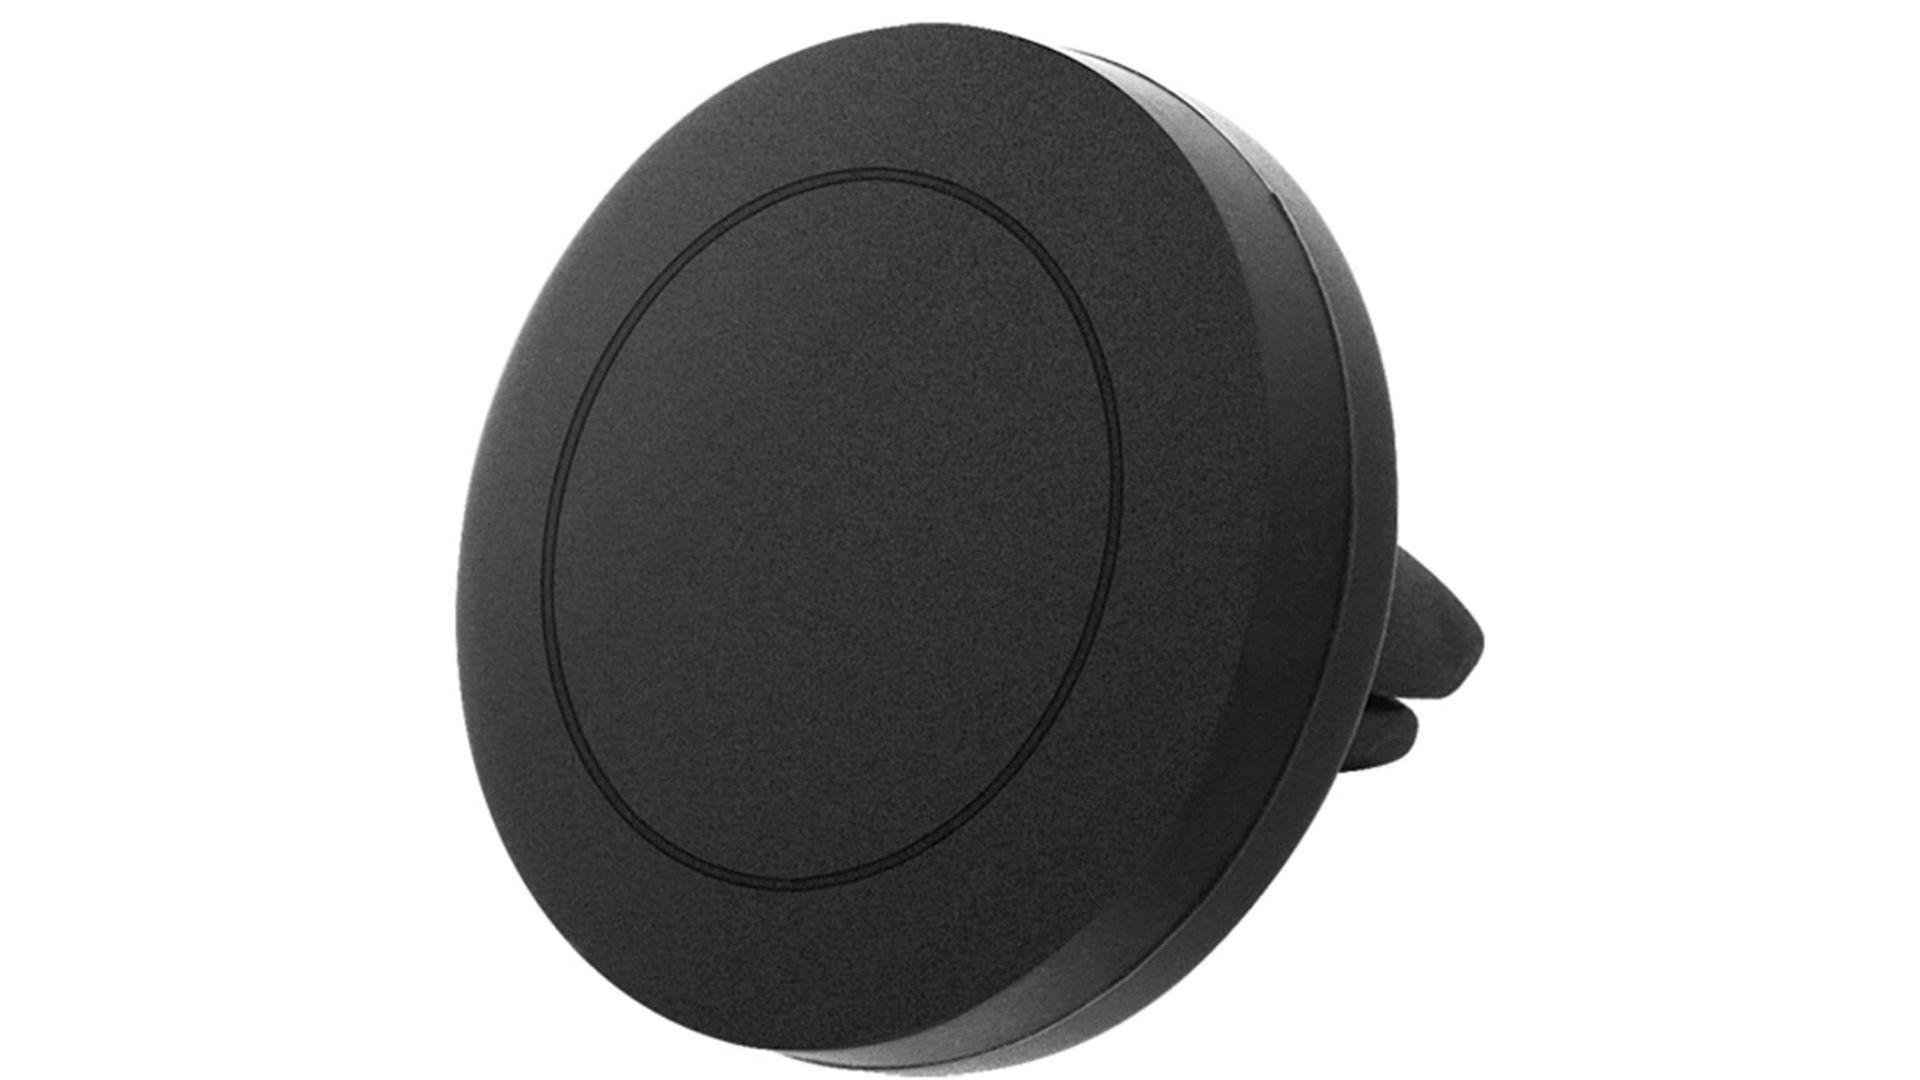 Suporte de celular para carro na cor preta arredondado em fundo branco